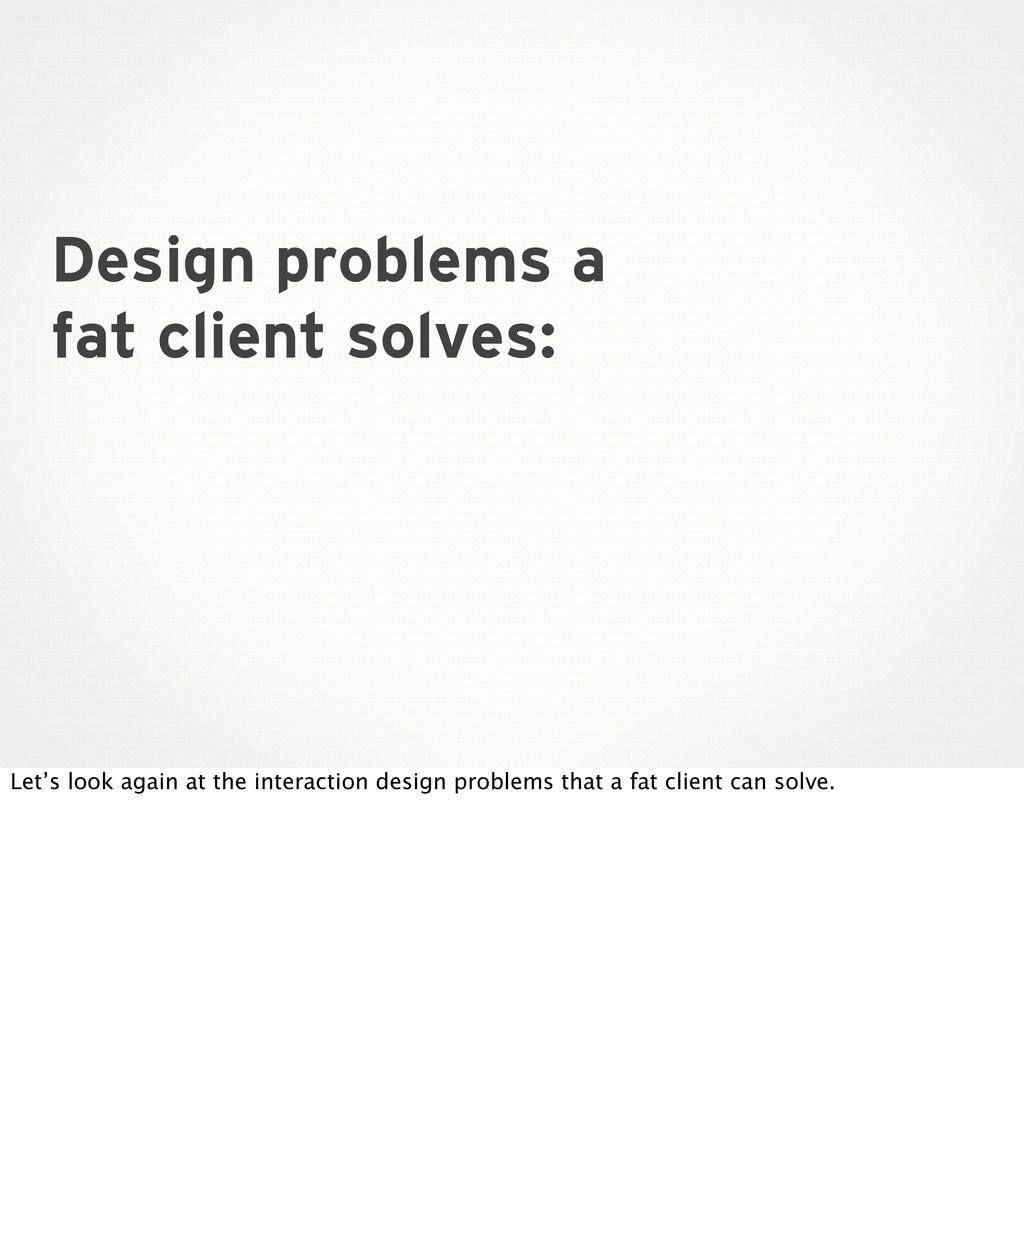 Design problems a fat client solves: Let's look...